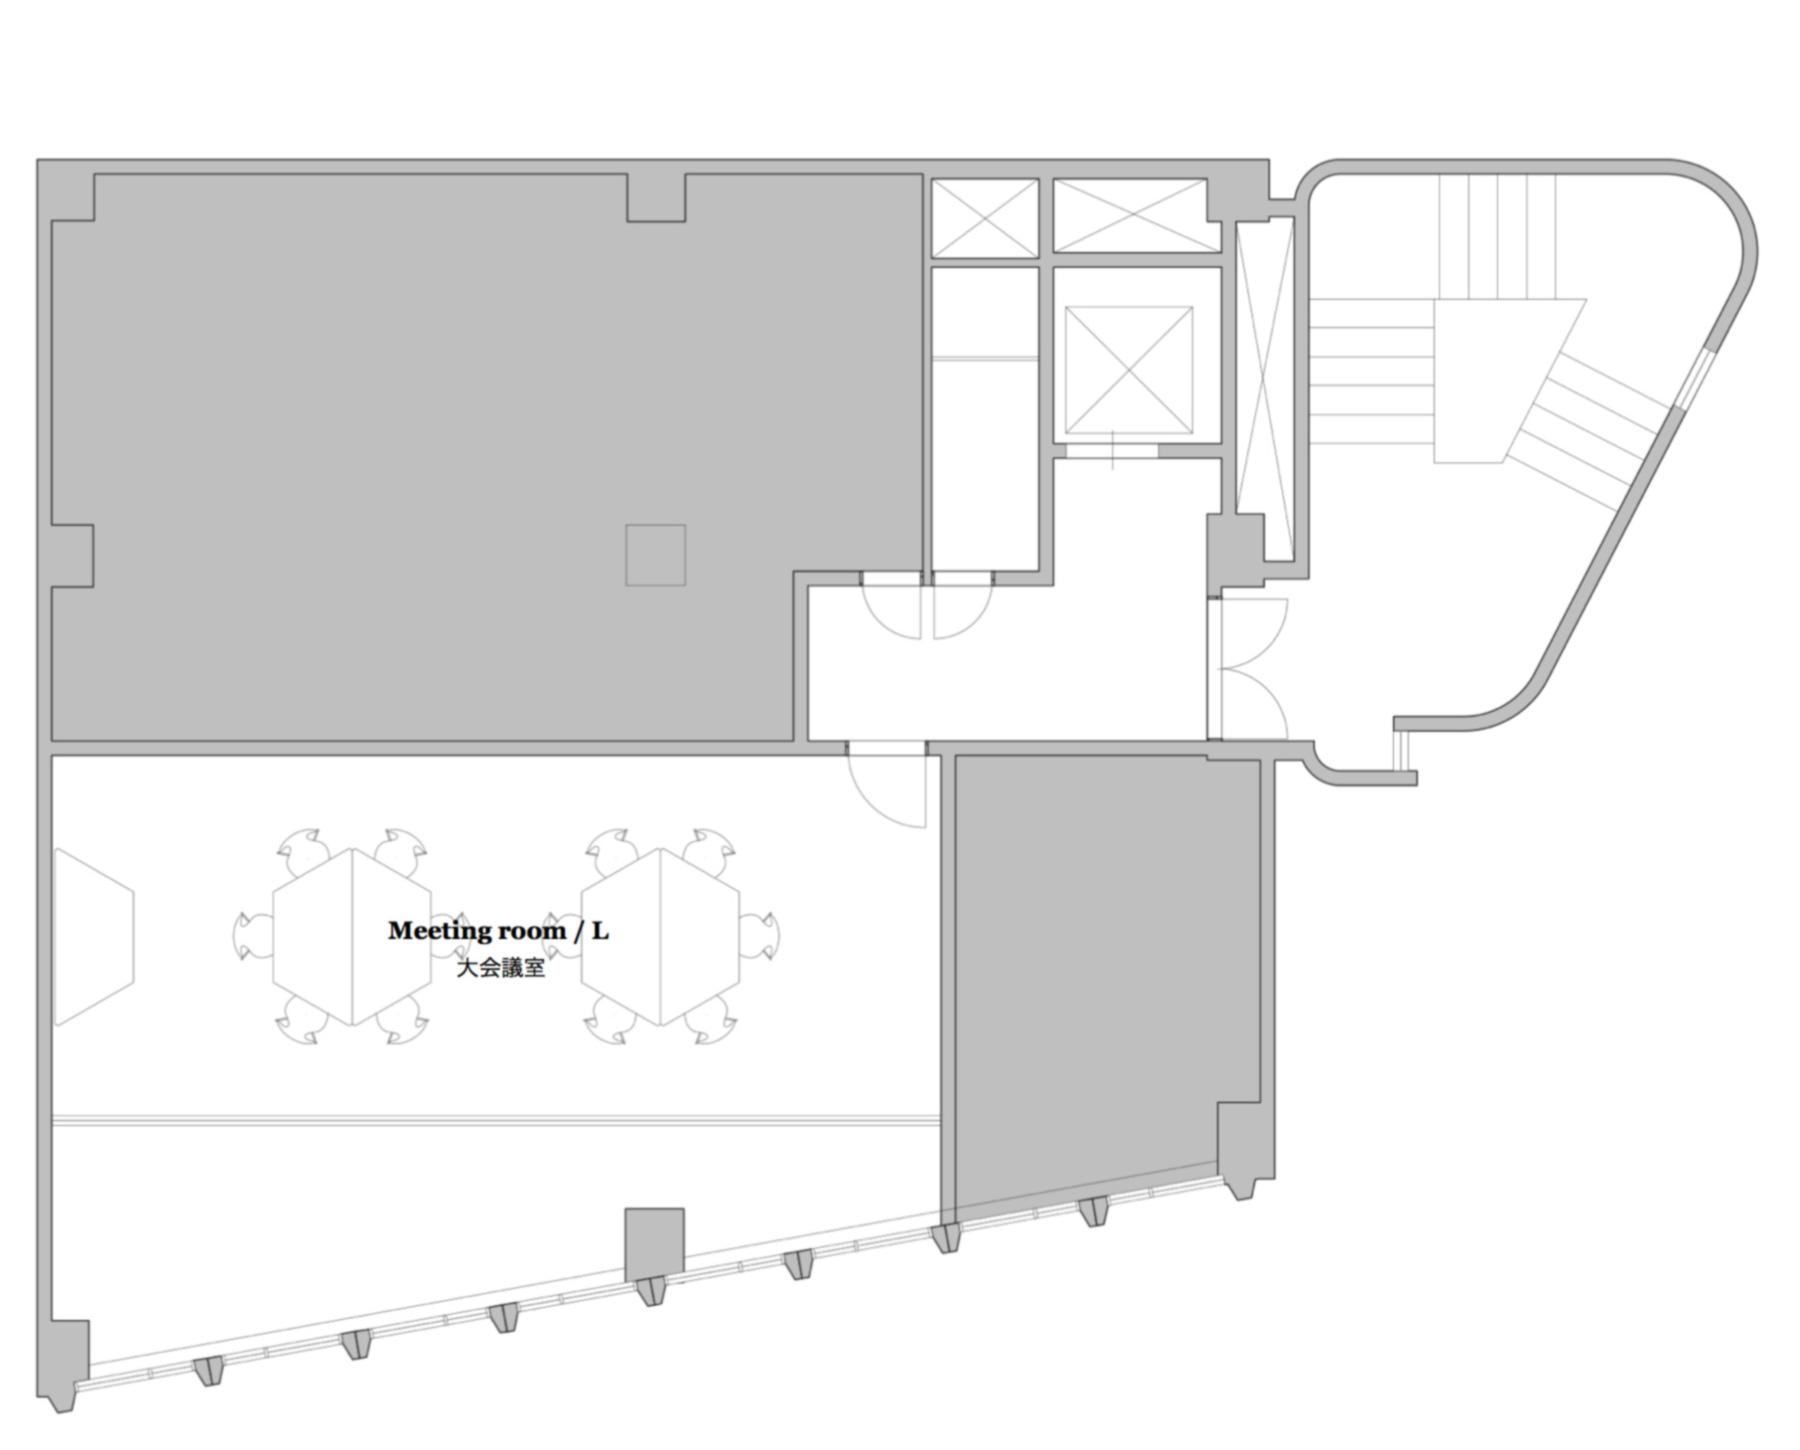 新宿・代々木 シェアオフィス x コワーキング | Connecting The Dots YOYOGI|地下レイアウト